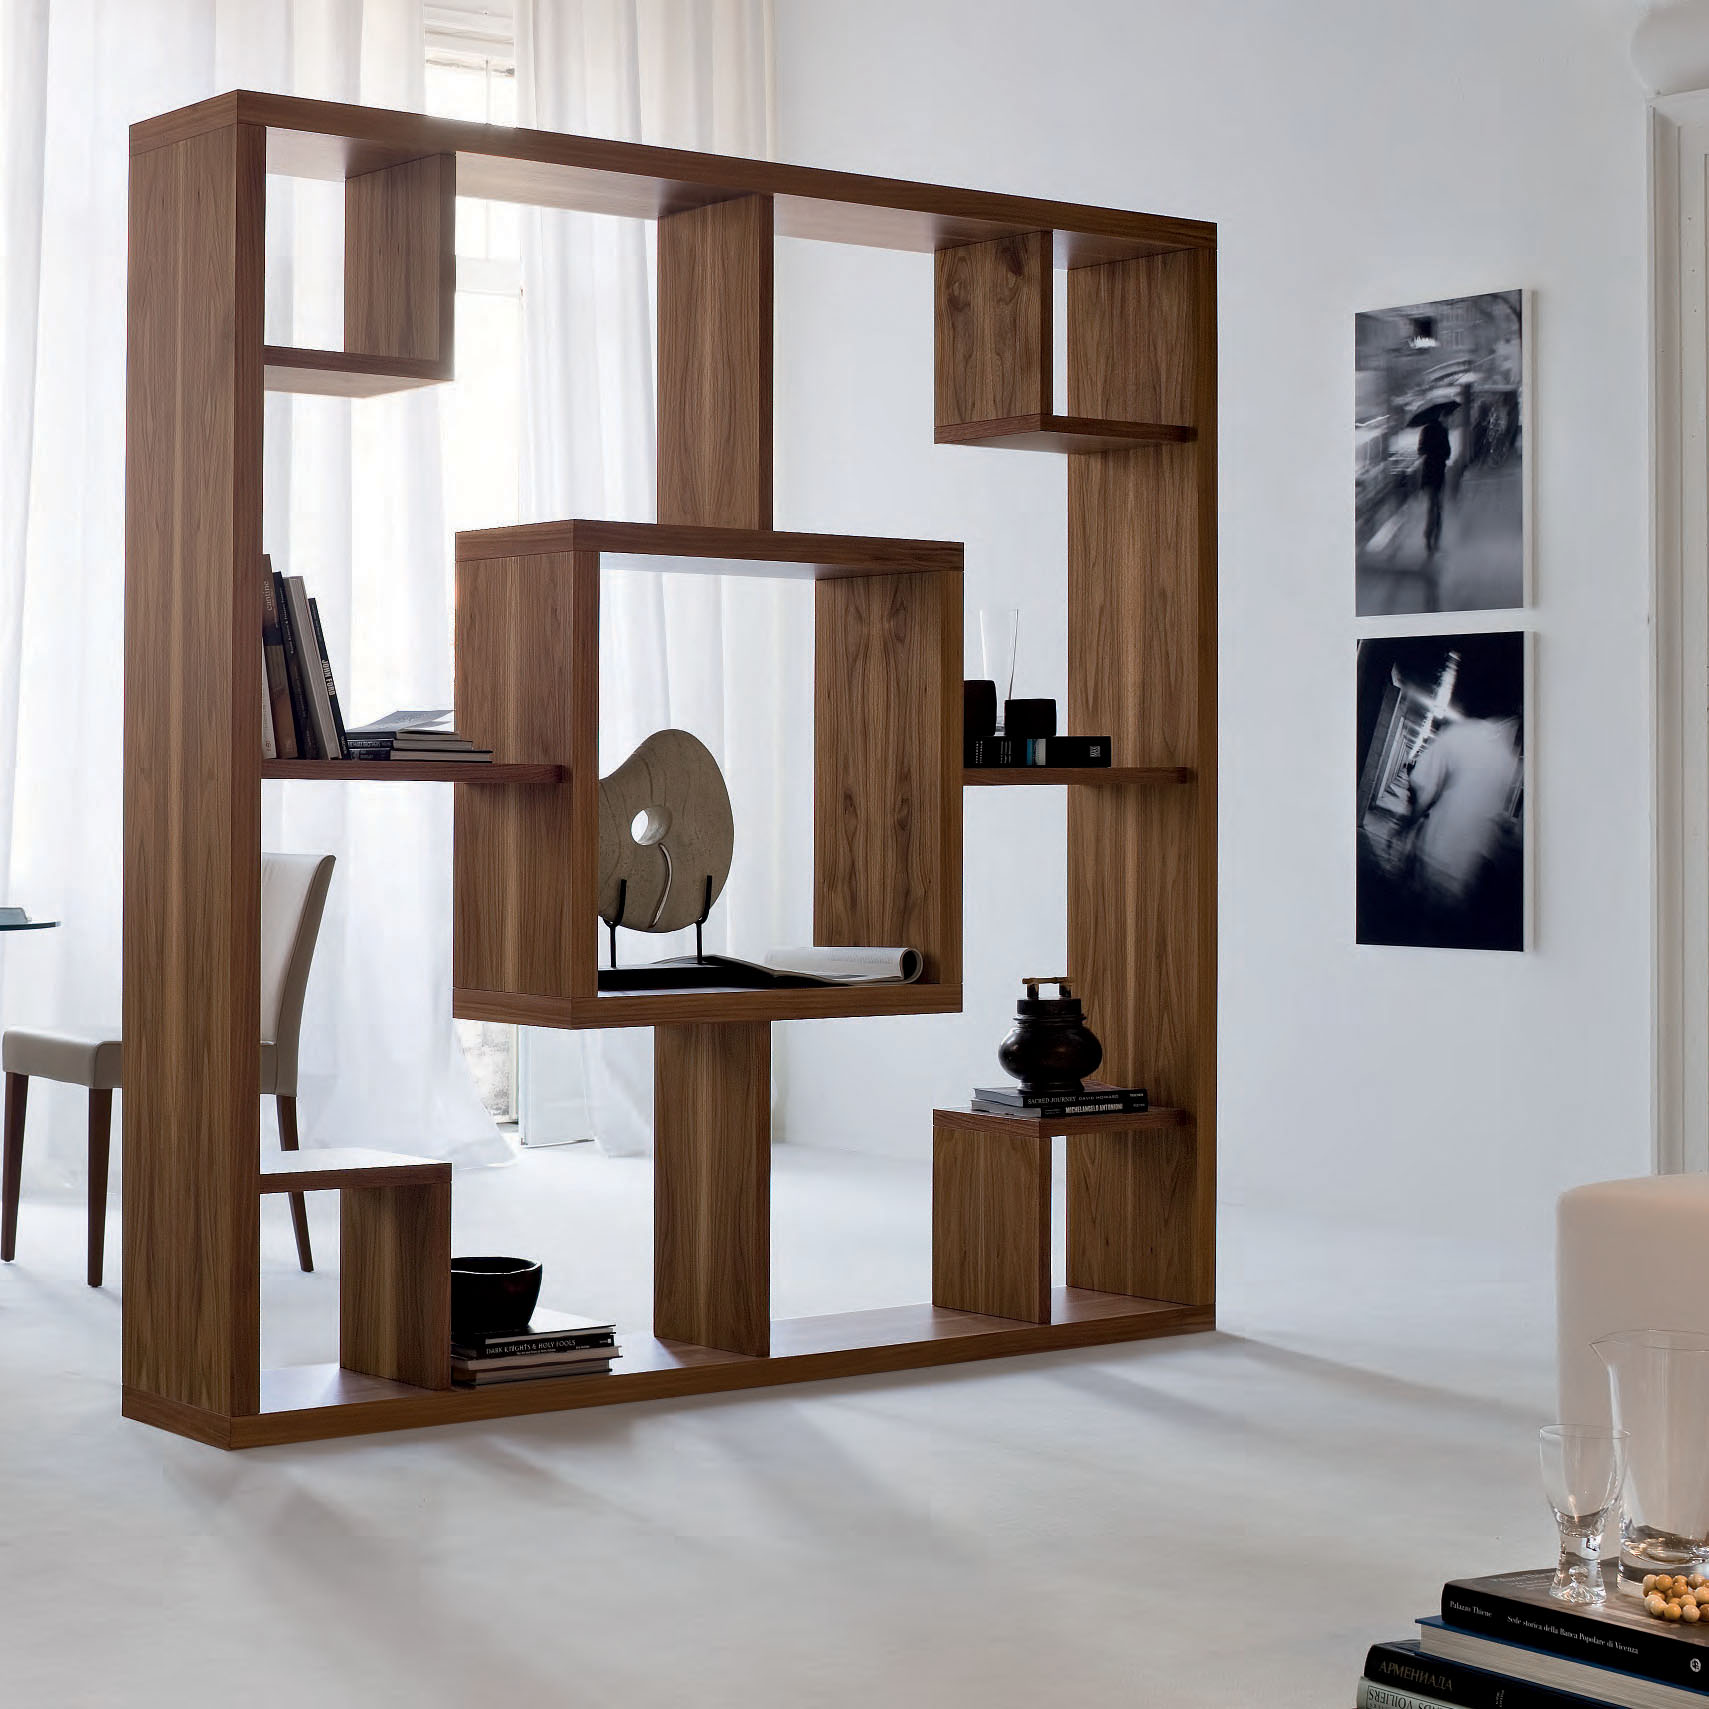 Separar un espacio en diferentes ambientes usando muebles